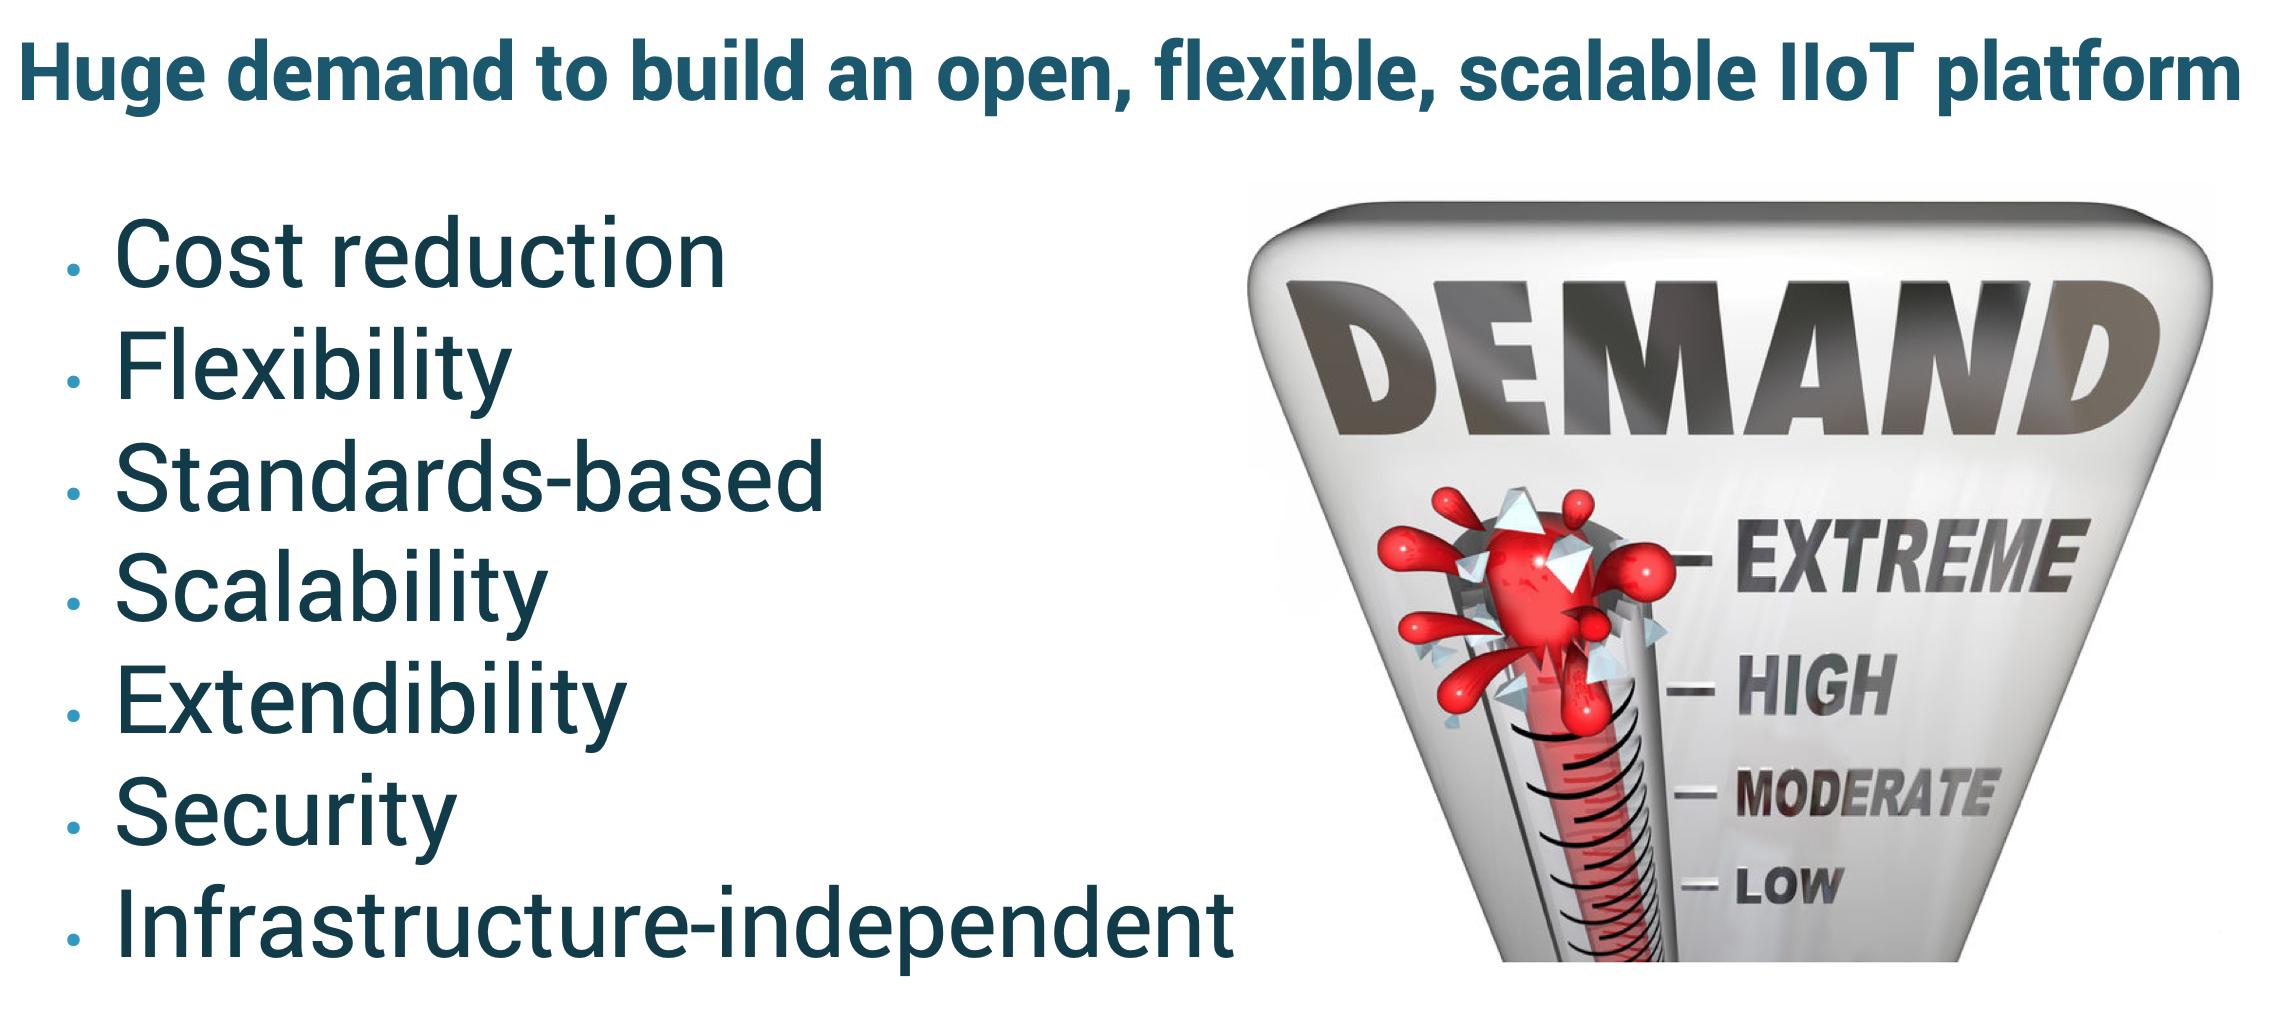 Characteristics of a Flexible IoT Platform